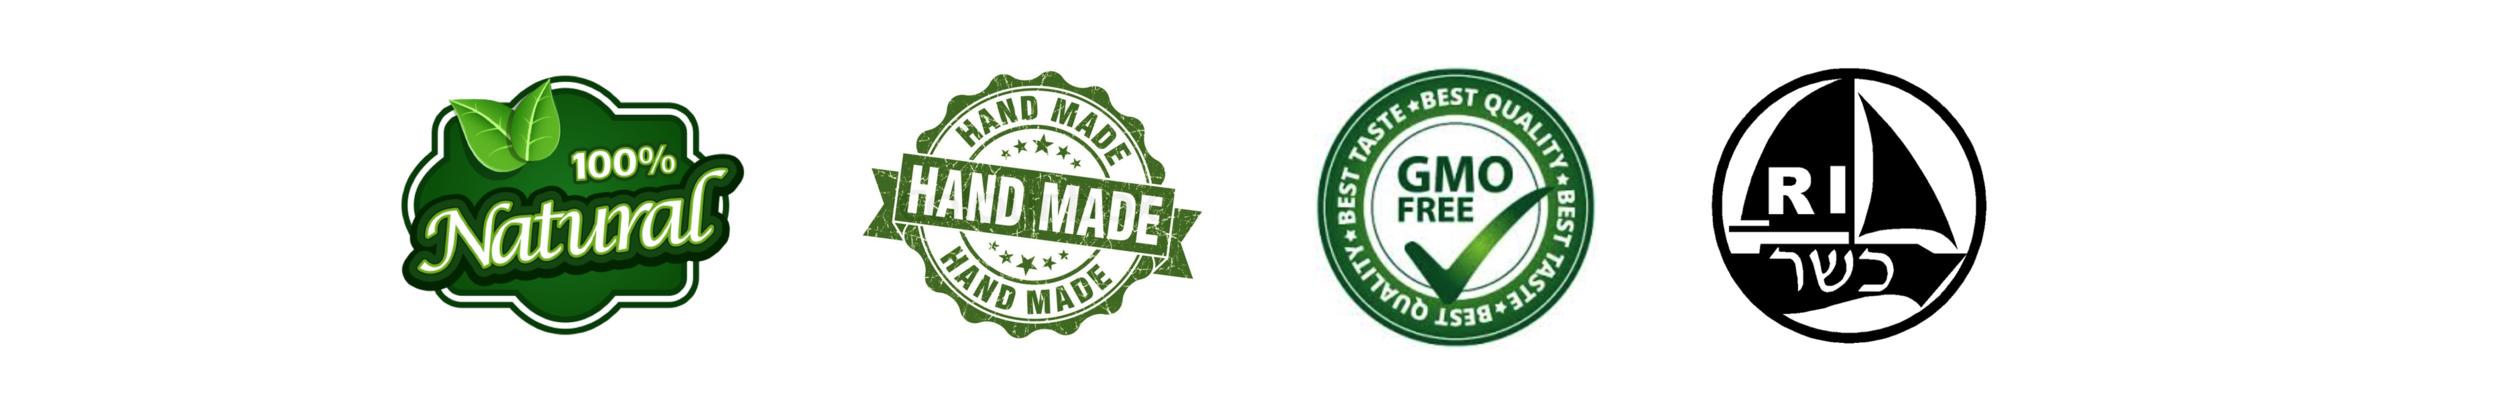 all natural logos.png